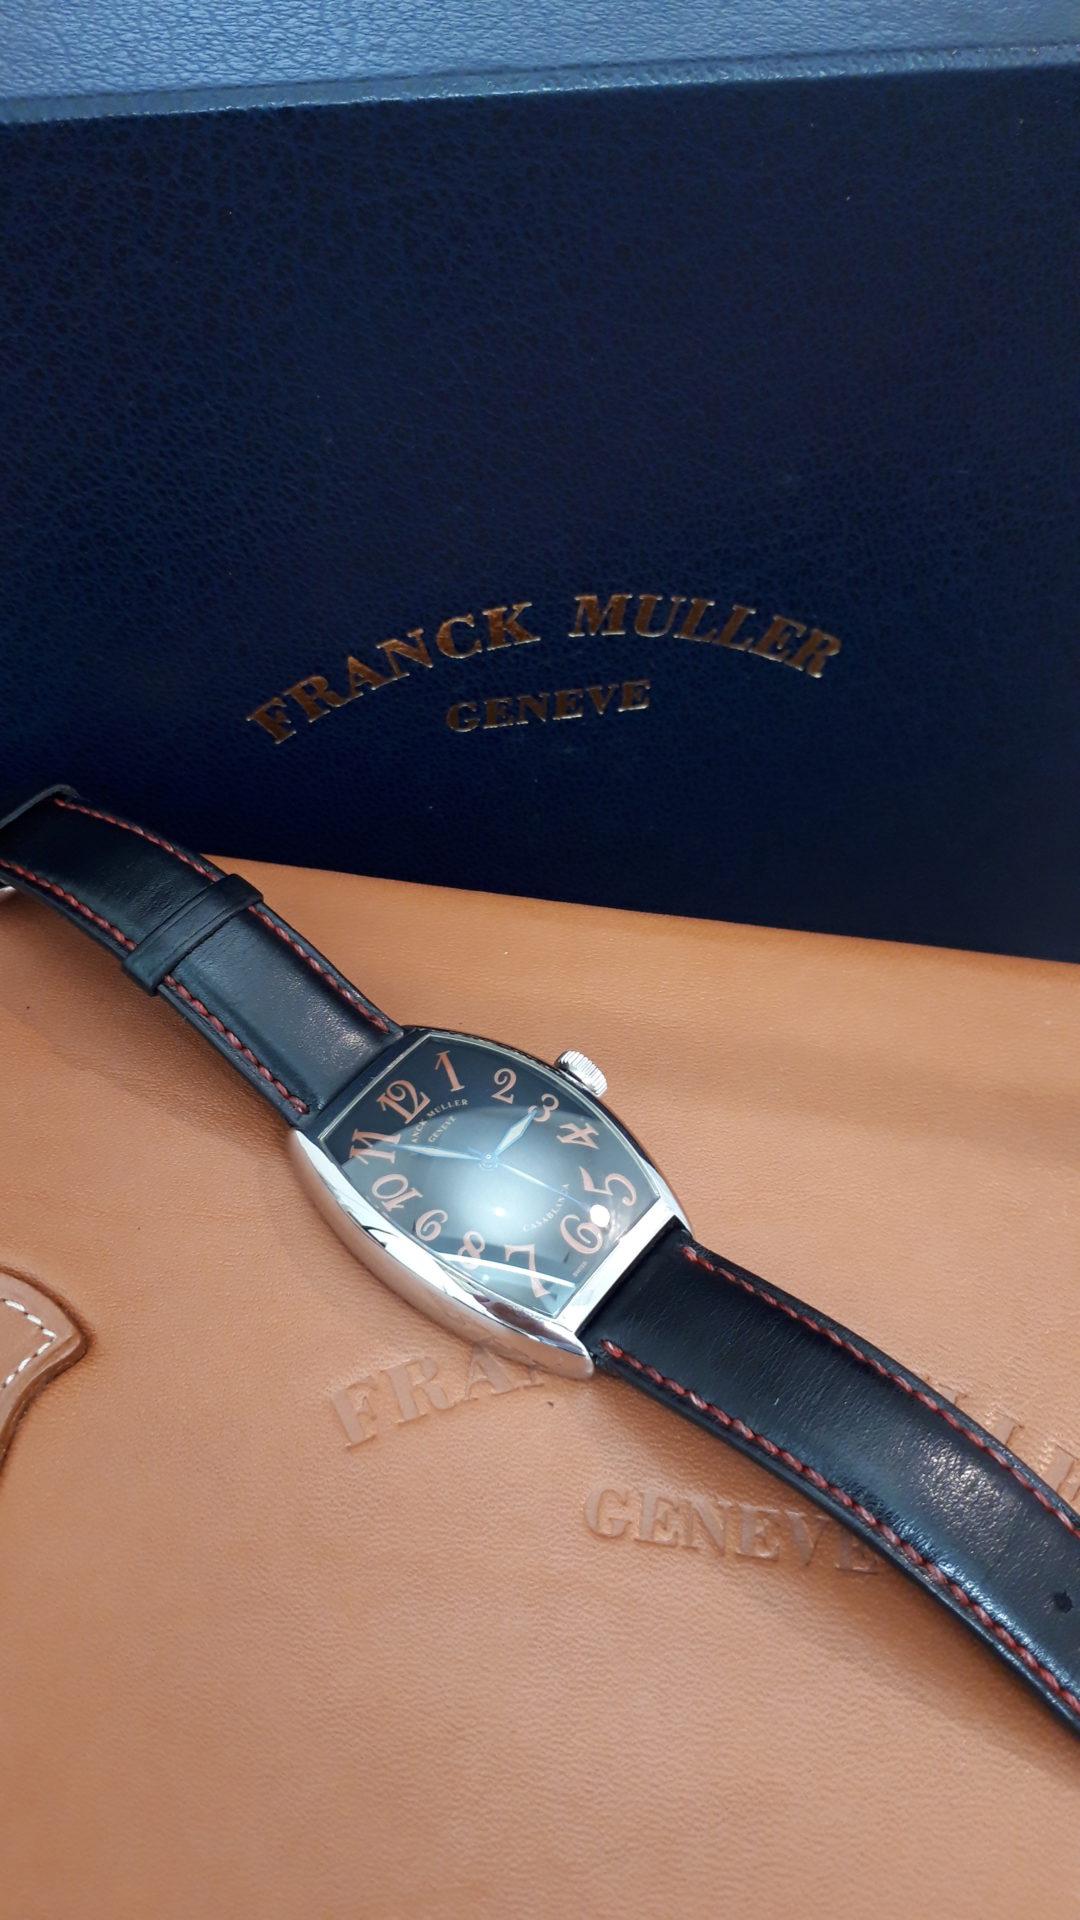 【FRANCK MULER フランクミュラー 5850 カサブランカ】を盛岡市のお客様よりお買い取りさせていただきました!